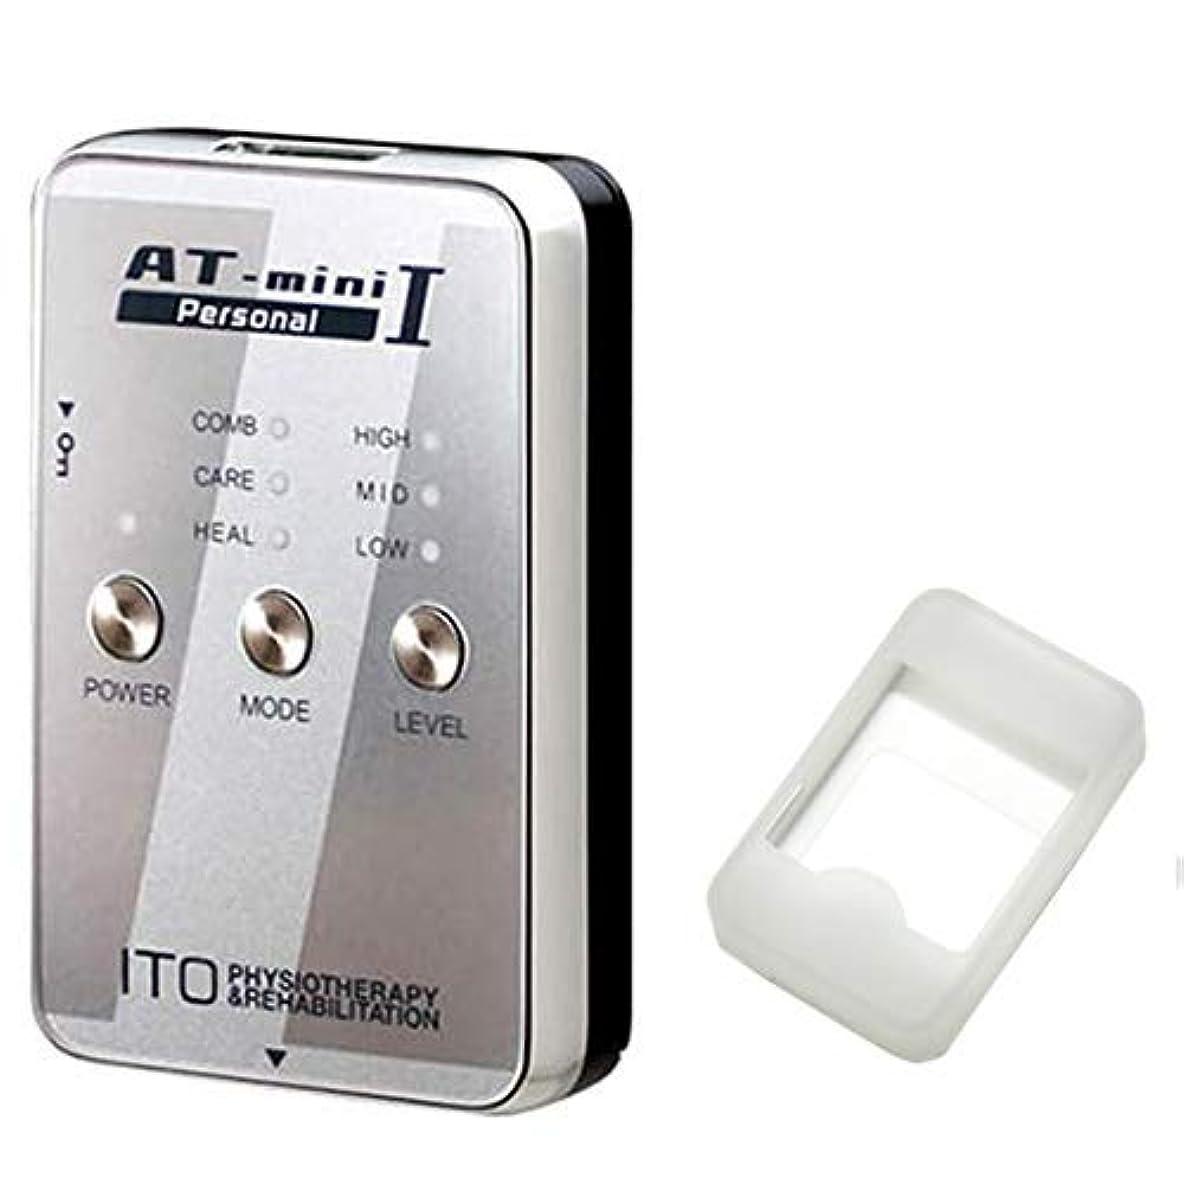 乱す定義ルネッサンス低周波治療器 AT-mini personal I シルバー (ATミニパーソナル1) + シリコン保護ケース